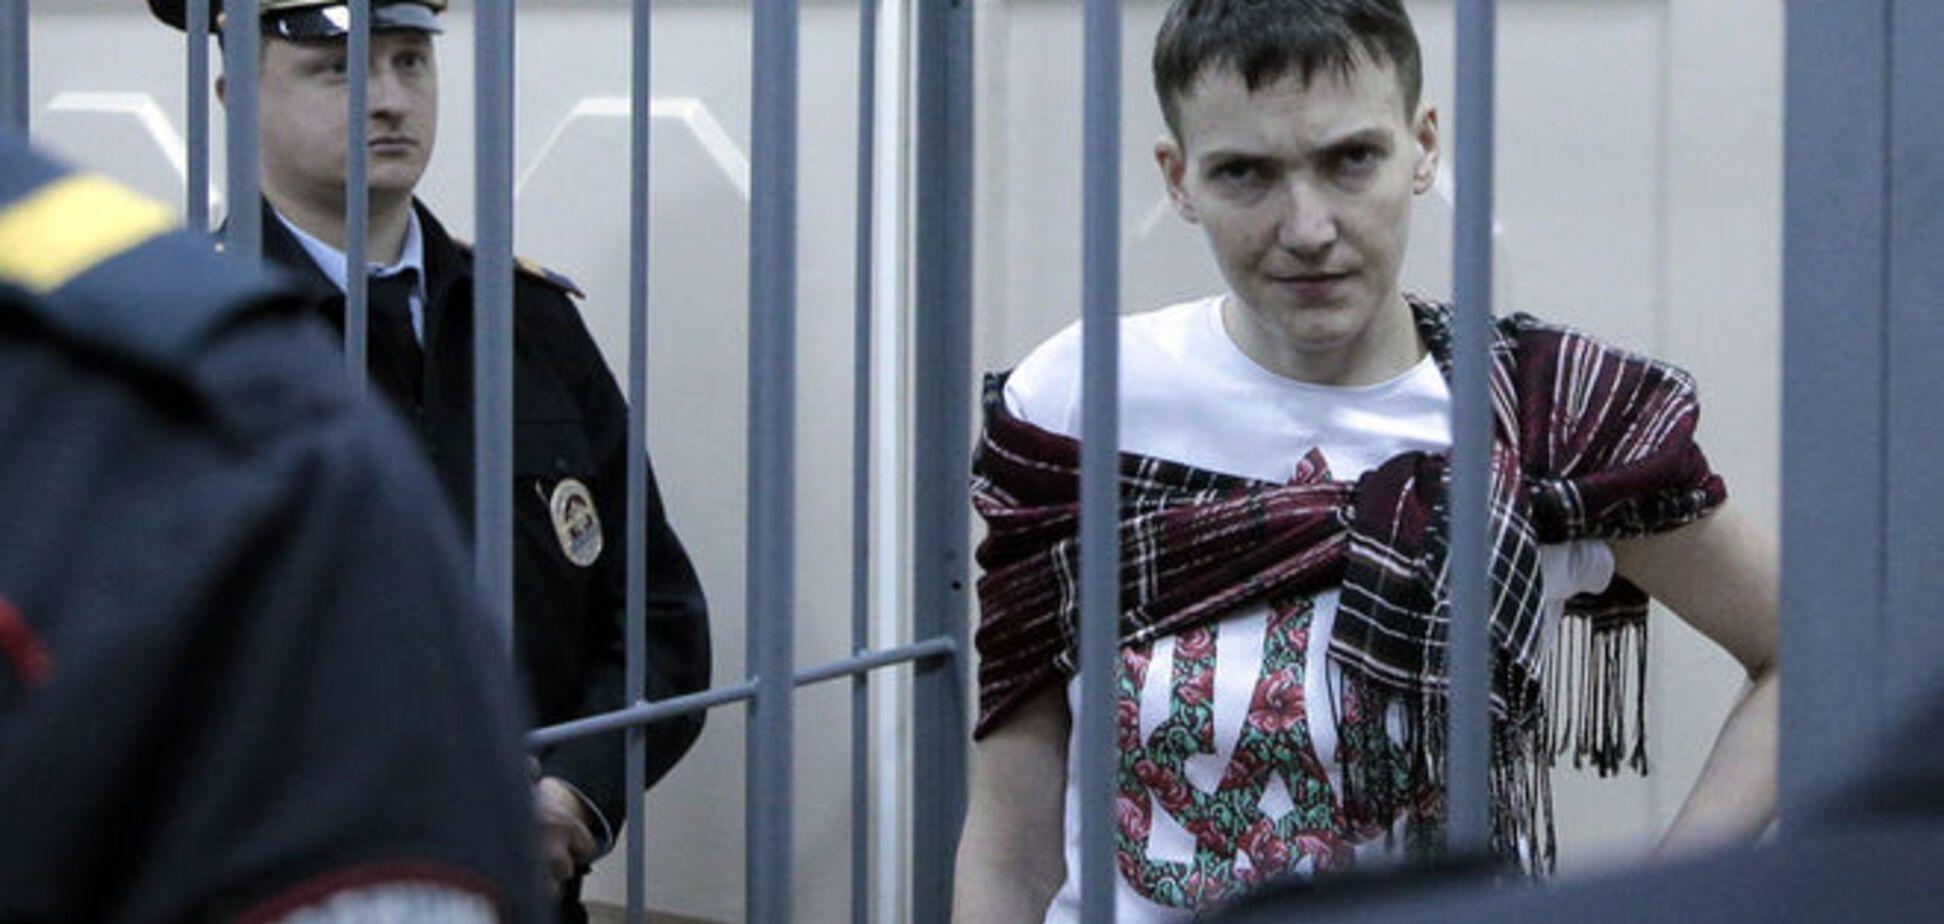 Савченко отказалась от 'подсадного' украинского адвоката в пользу российских